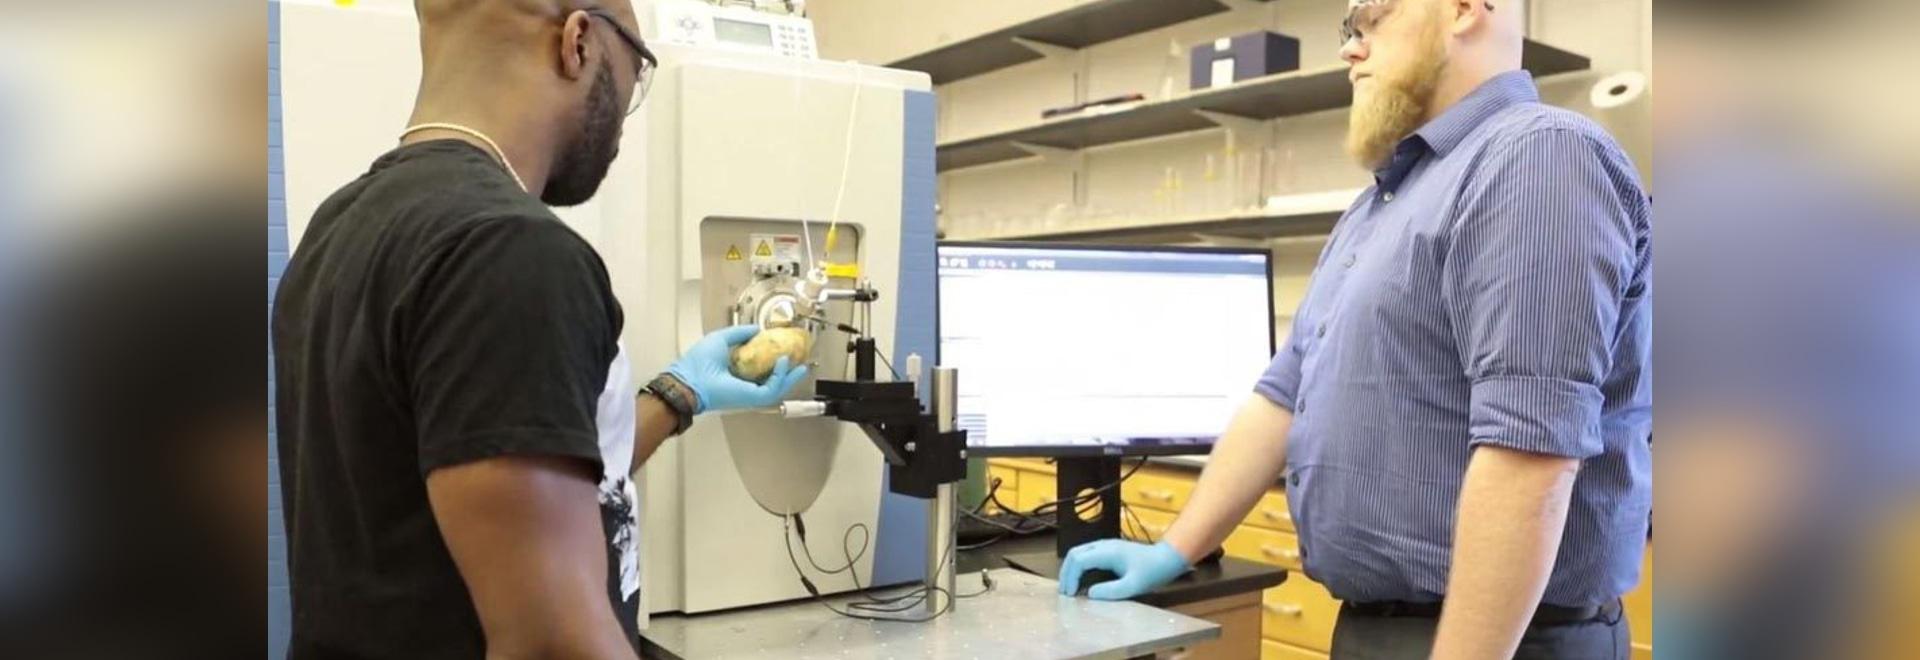 Massenspektrometrie-Entdeckung für die Massen